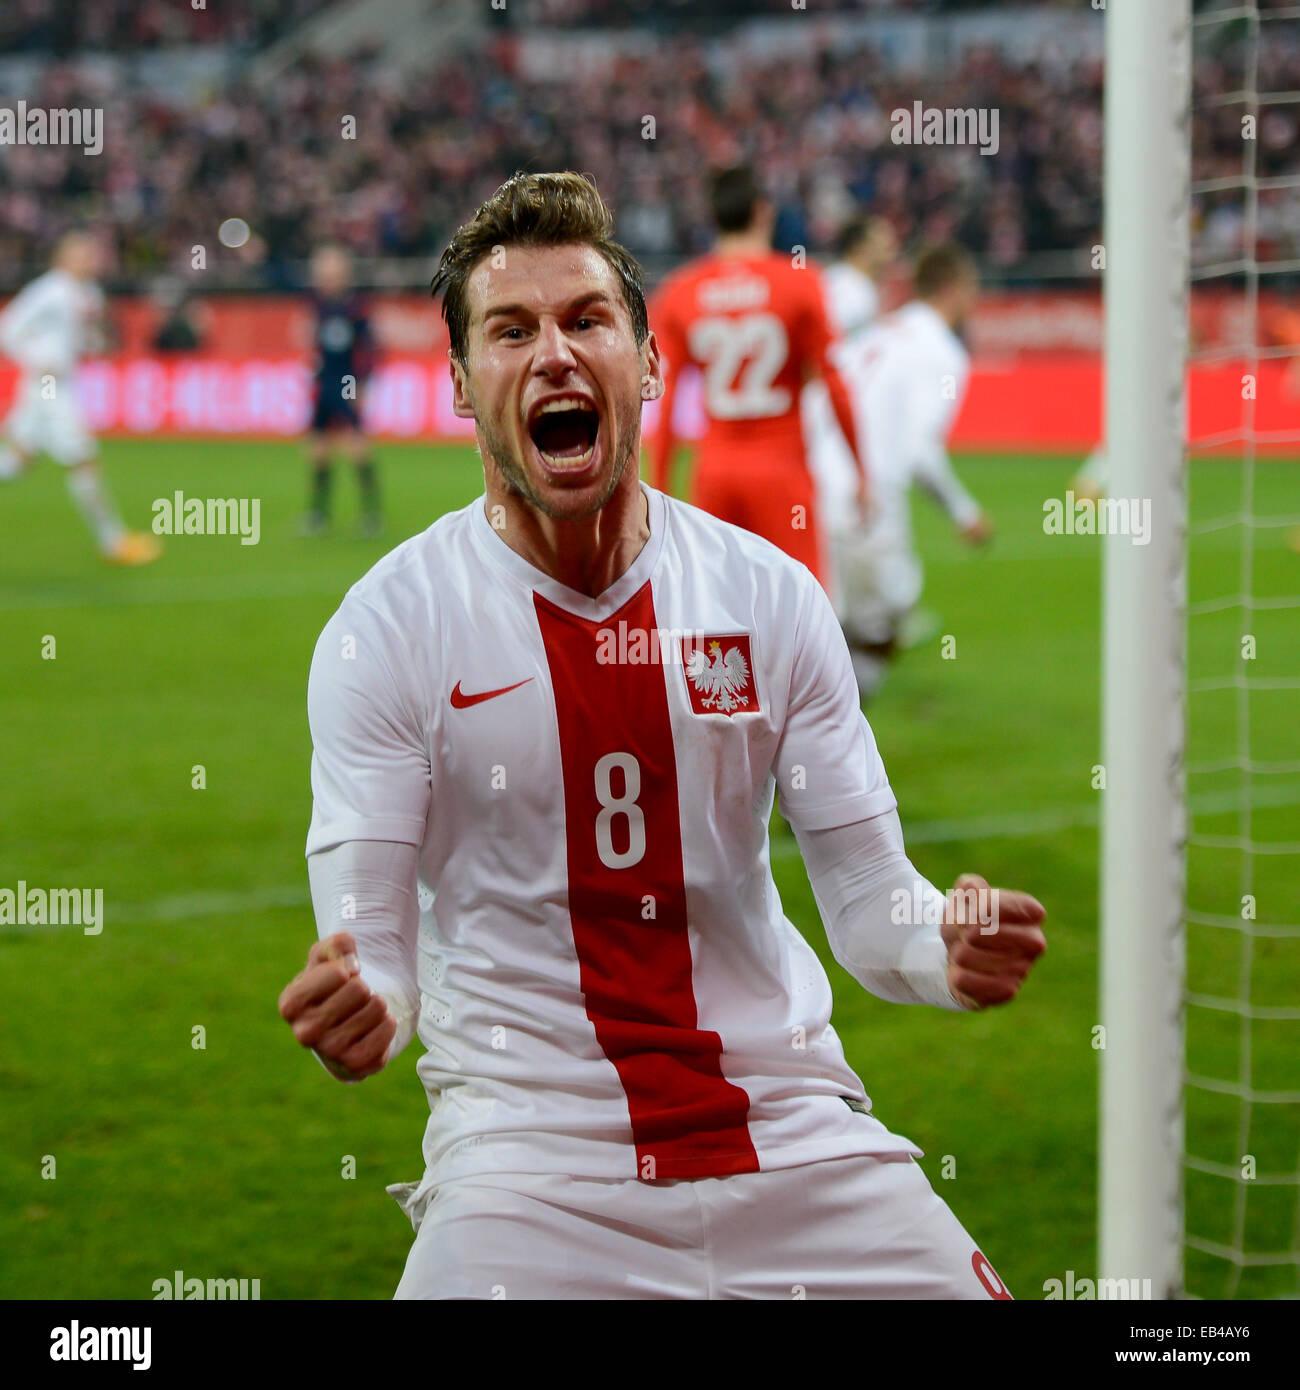 Great Grzegorz Krychowiak - wroclaw-poland-november-18-2014-grzegorz-krychowiak-during-match-poland-EB4AY6  Best Photo Reference-462316.jpg